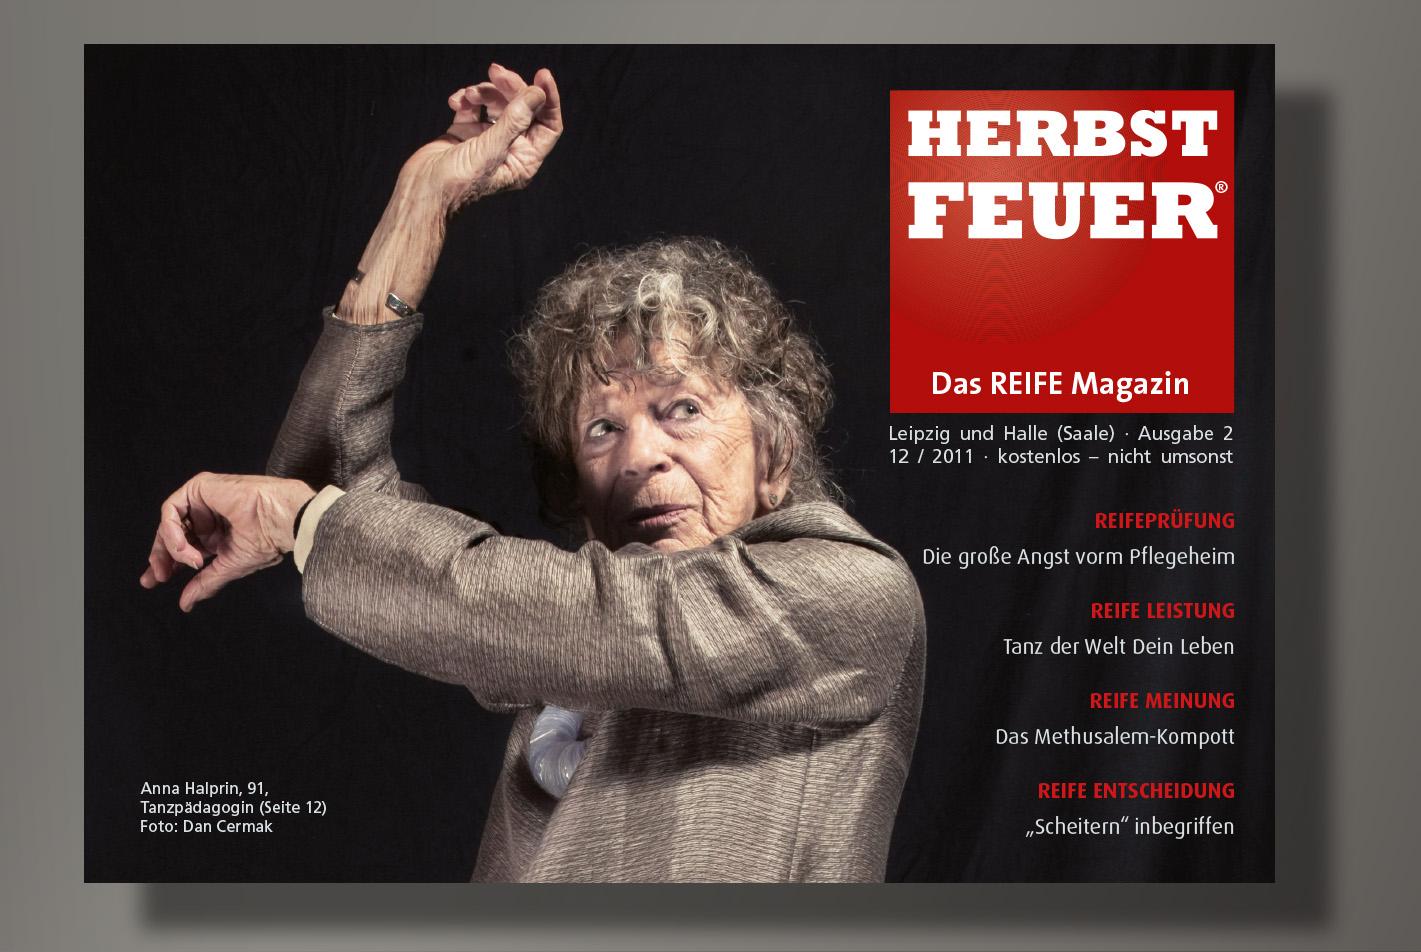 HERBSTFEUER – Das REIFE Magazin für Leipzig und Halle (Saale); Ausgabe 2